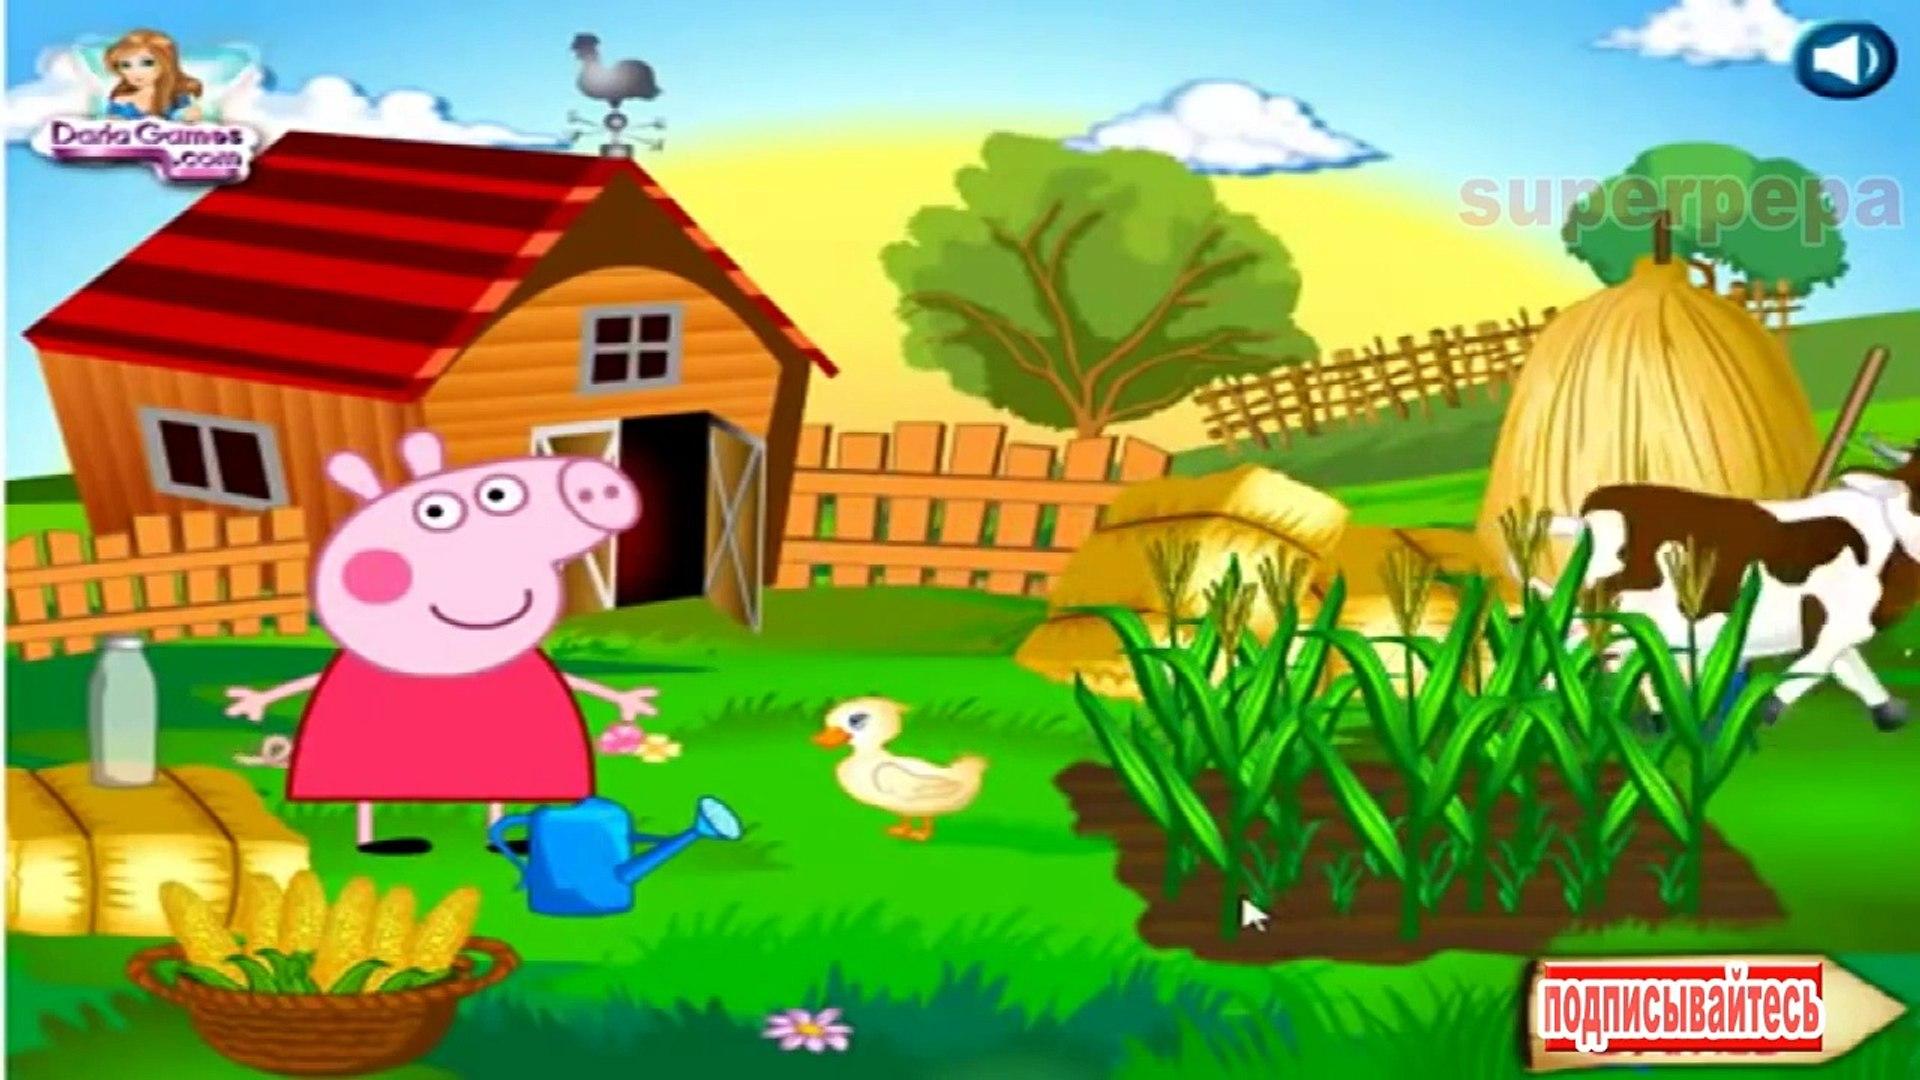 Свинка Пеппа Корова и утка Свинка Пеппа смотрите свинку Пеппу